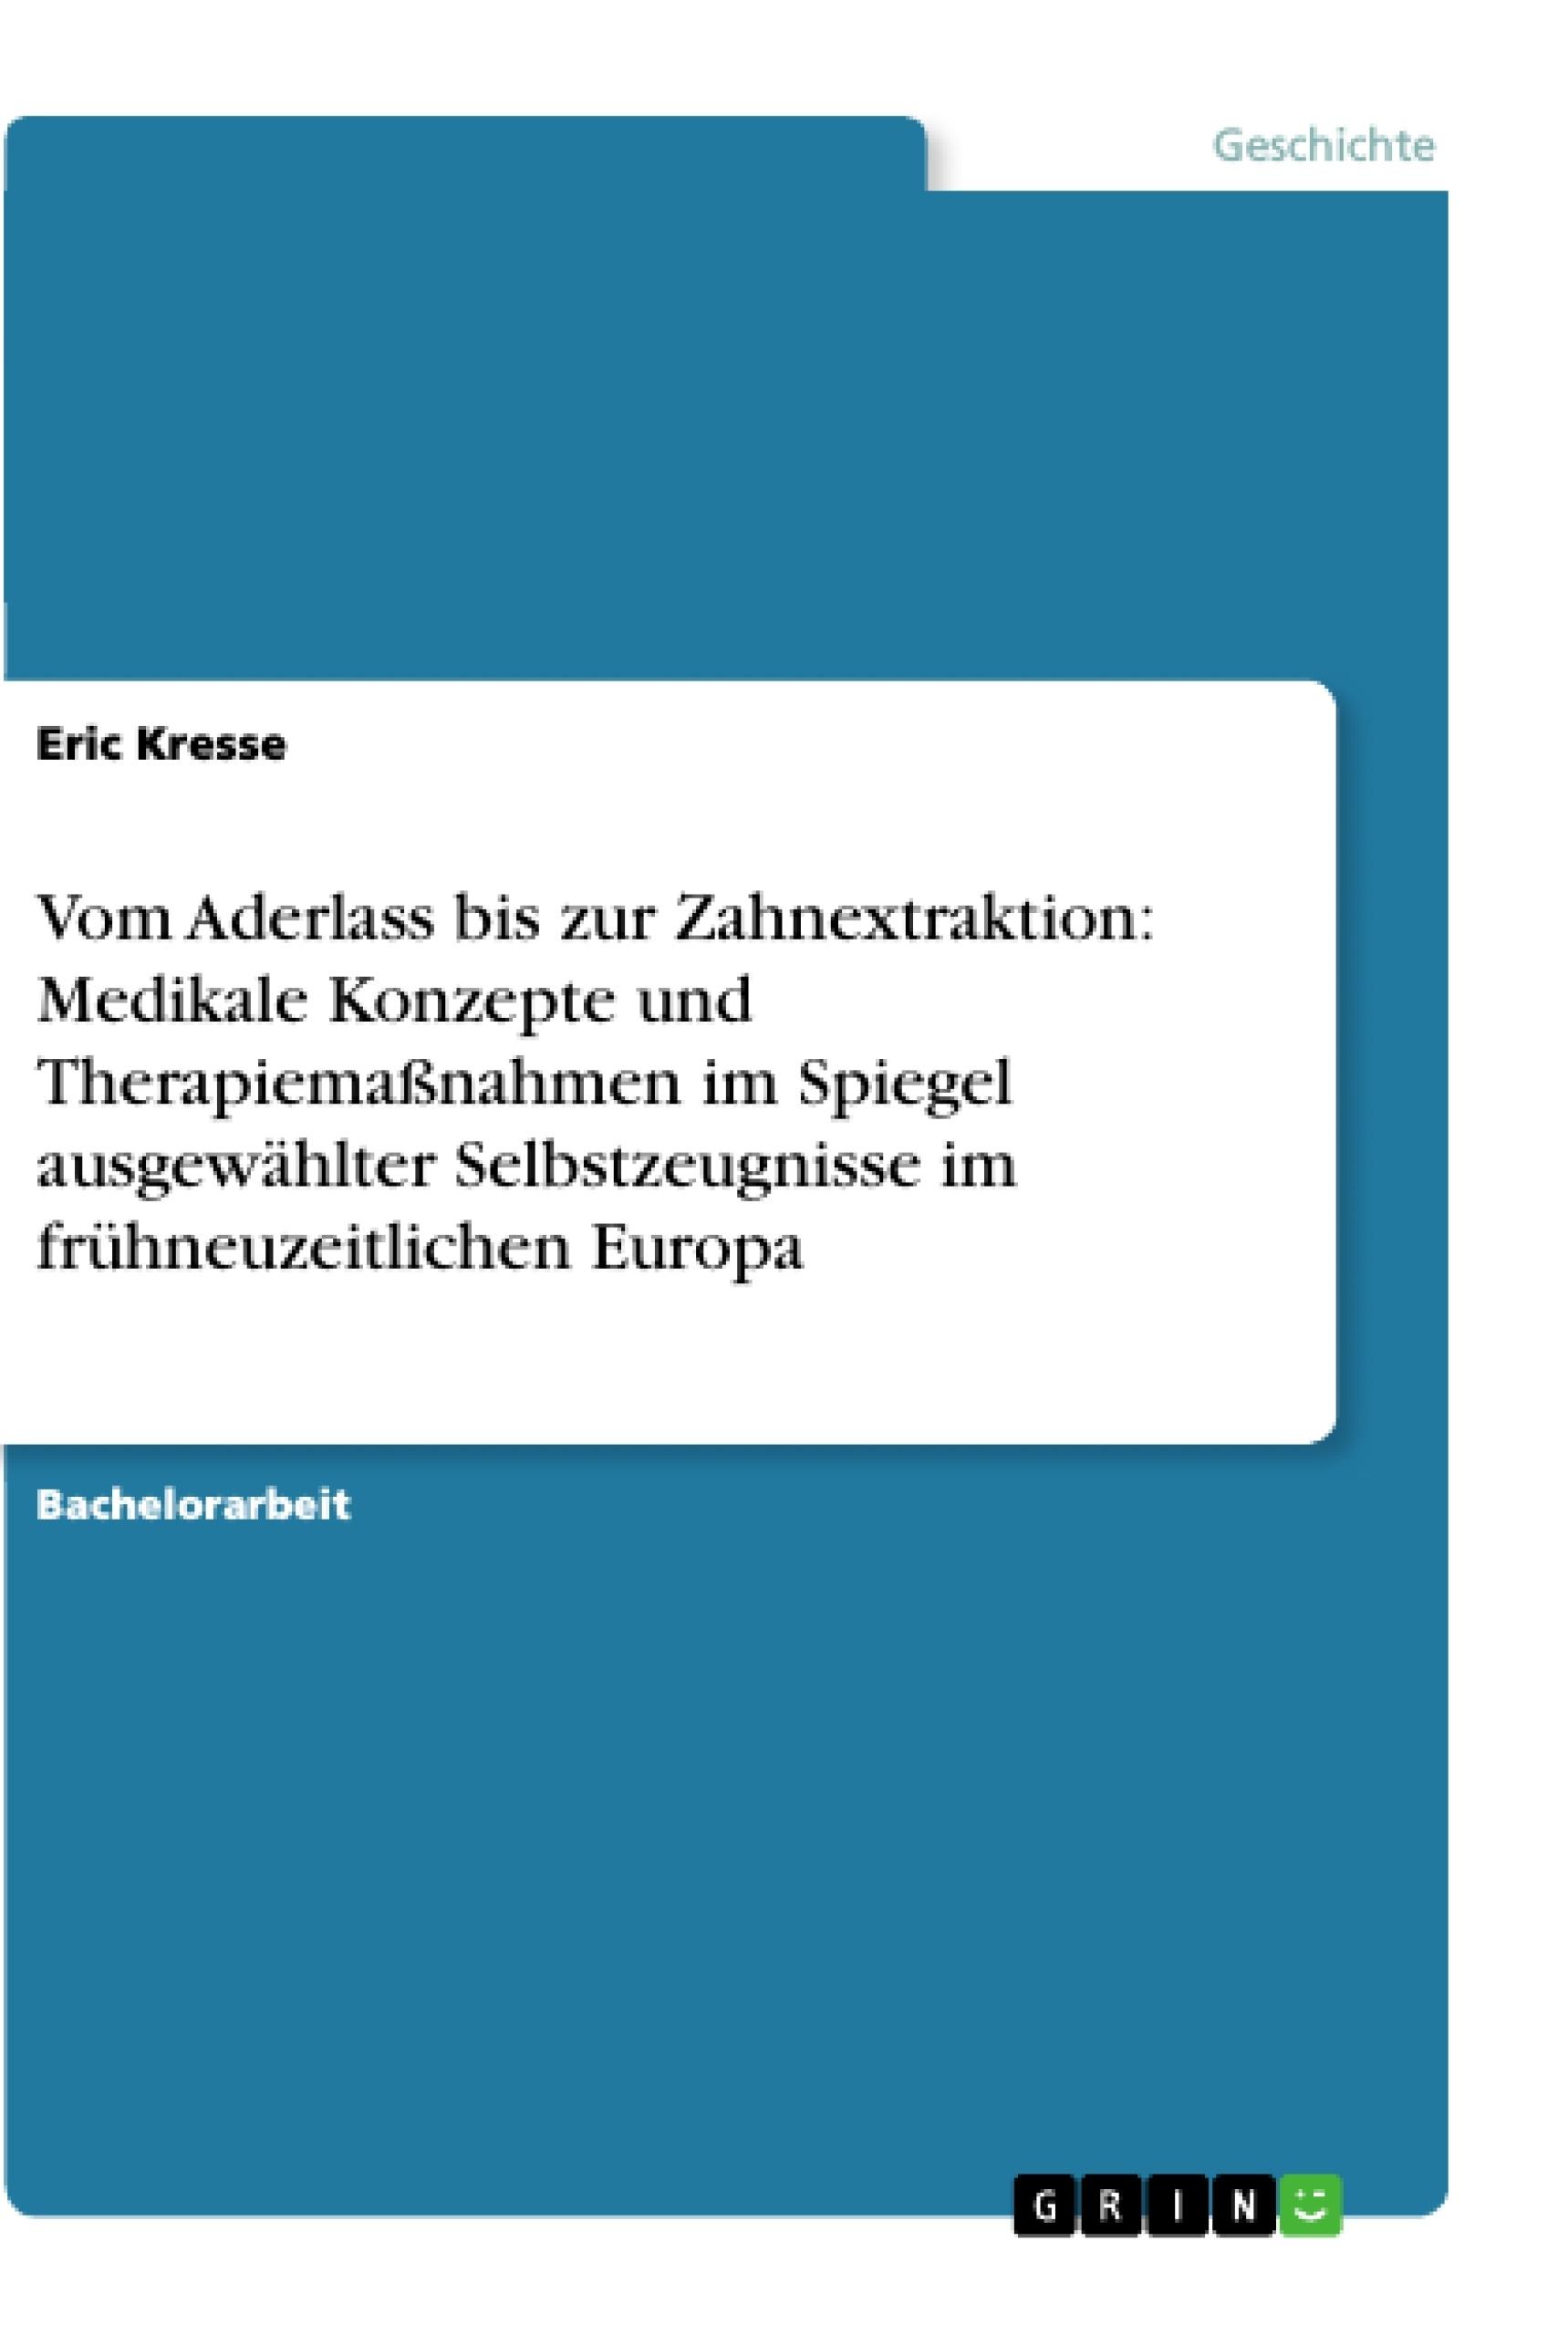 Titel: Vom Aderlass bis zur Zahnextraktion: Medikale Konzepte und Therapiemaßnahmen im Spiegel ausgewählter Selbstzeugnisse im frühneuzeitlichen Europa